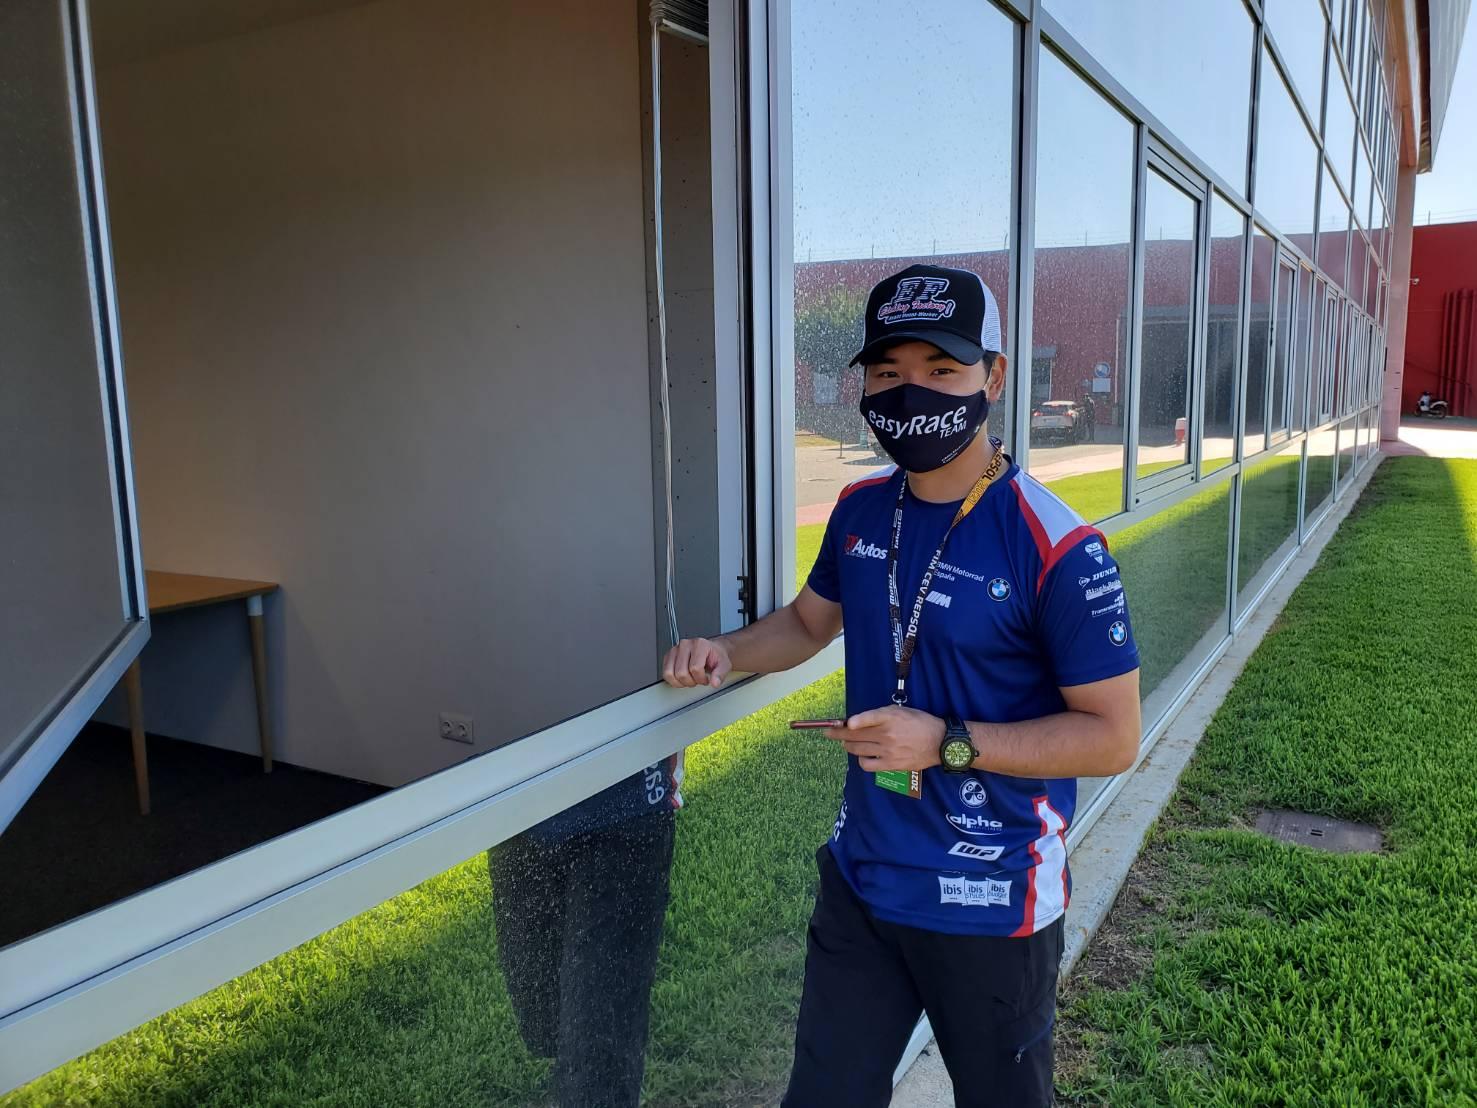 バイクのニュースさんにて、CEVライダー 石塚健のレースレポート「スペインでの生活とヨーロッパの新型コロナウイルスの近況」が公開されました。